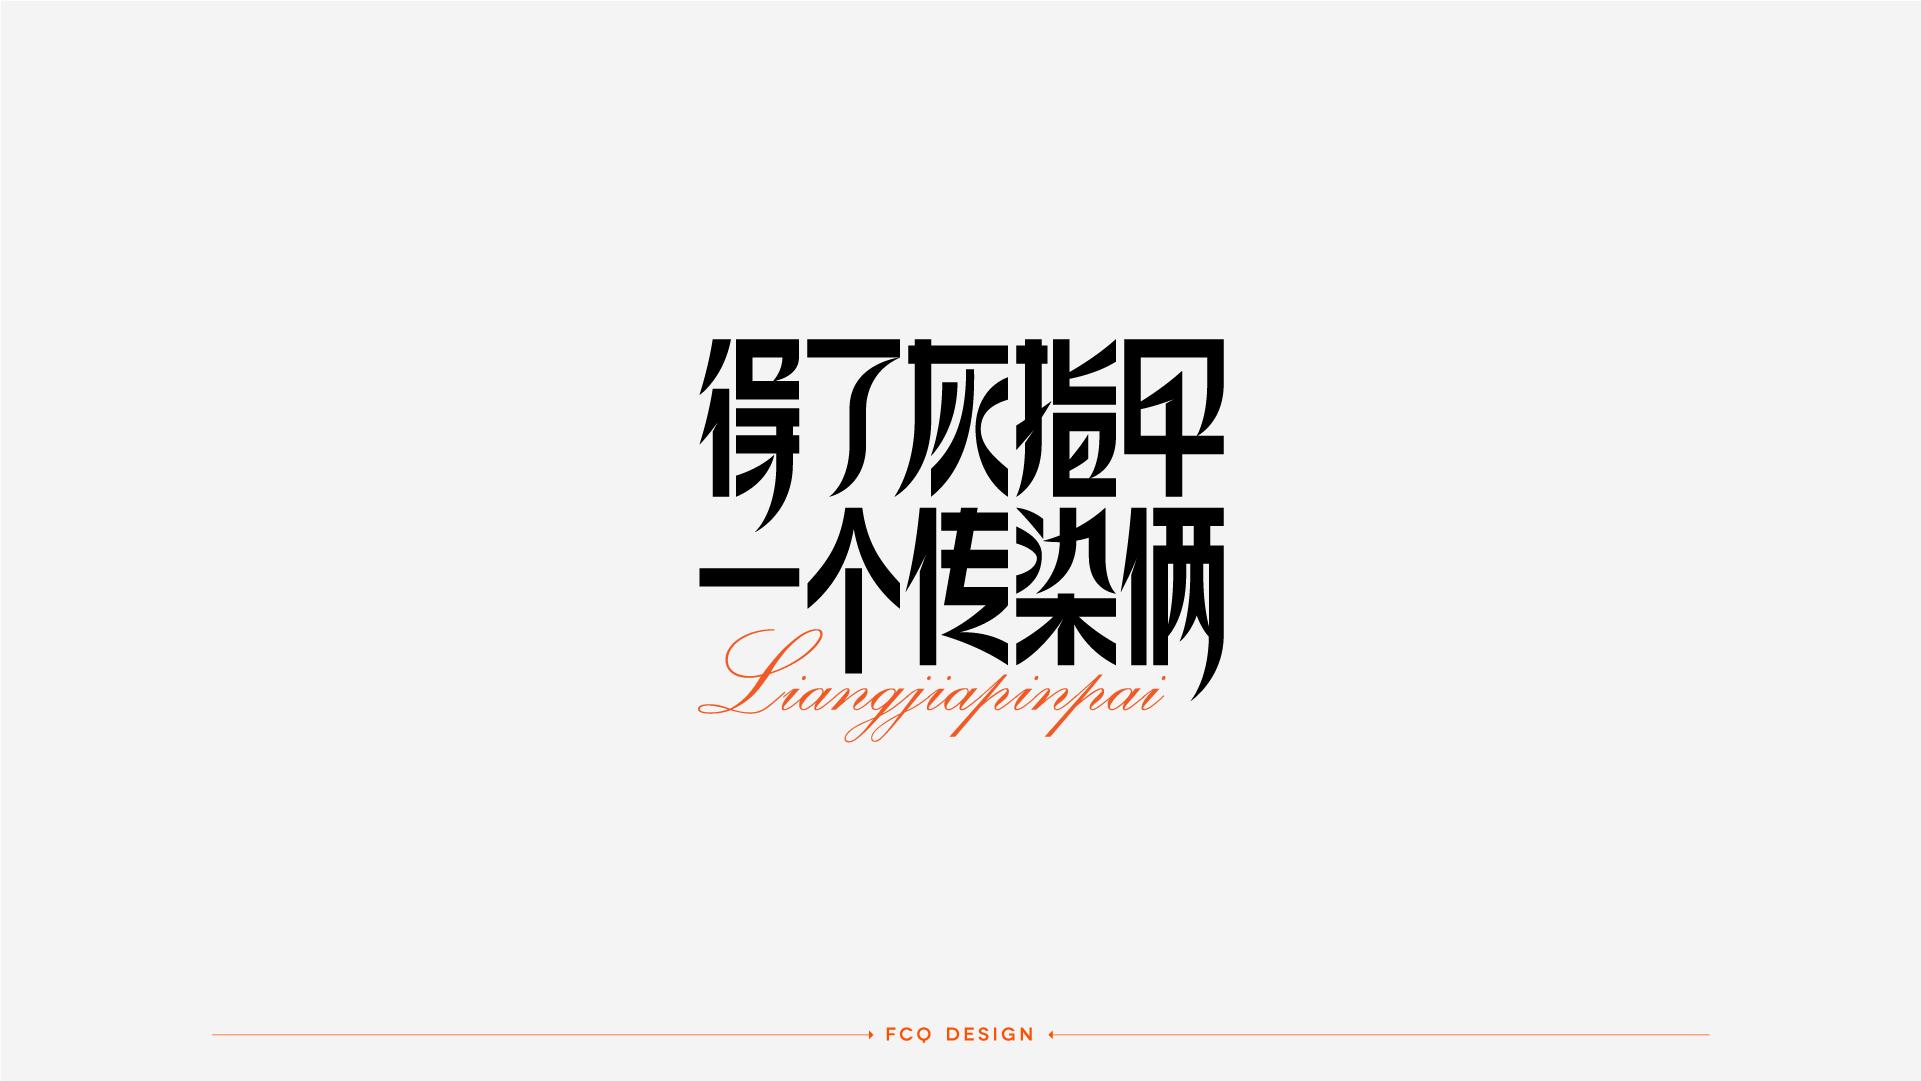 Font Design-Classic Advertising Language